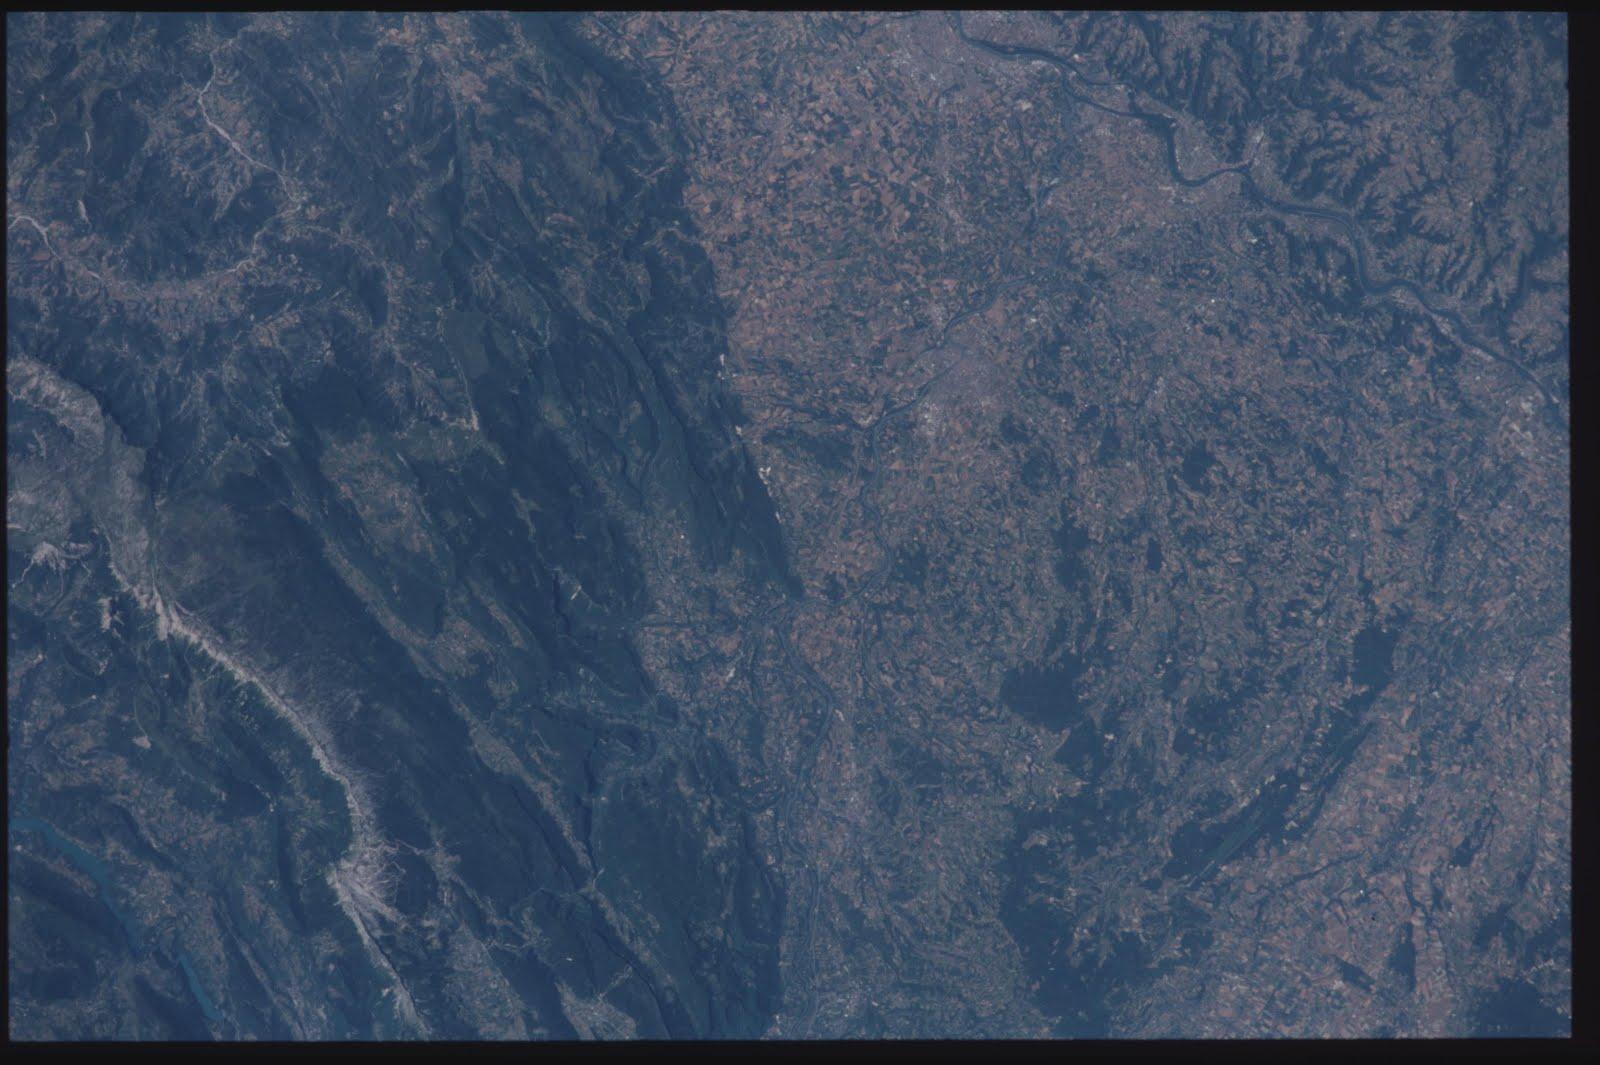 Votre ville/Département photographié par ISS